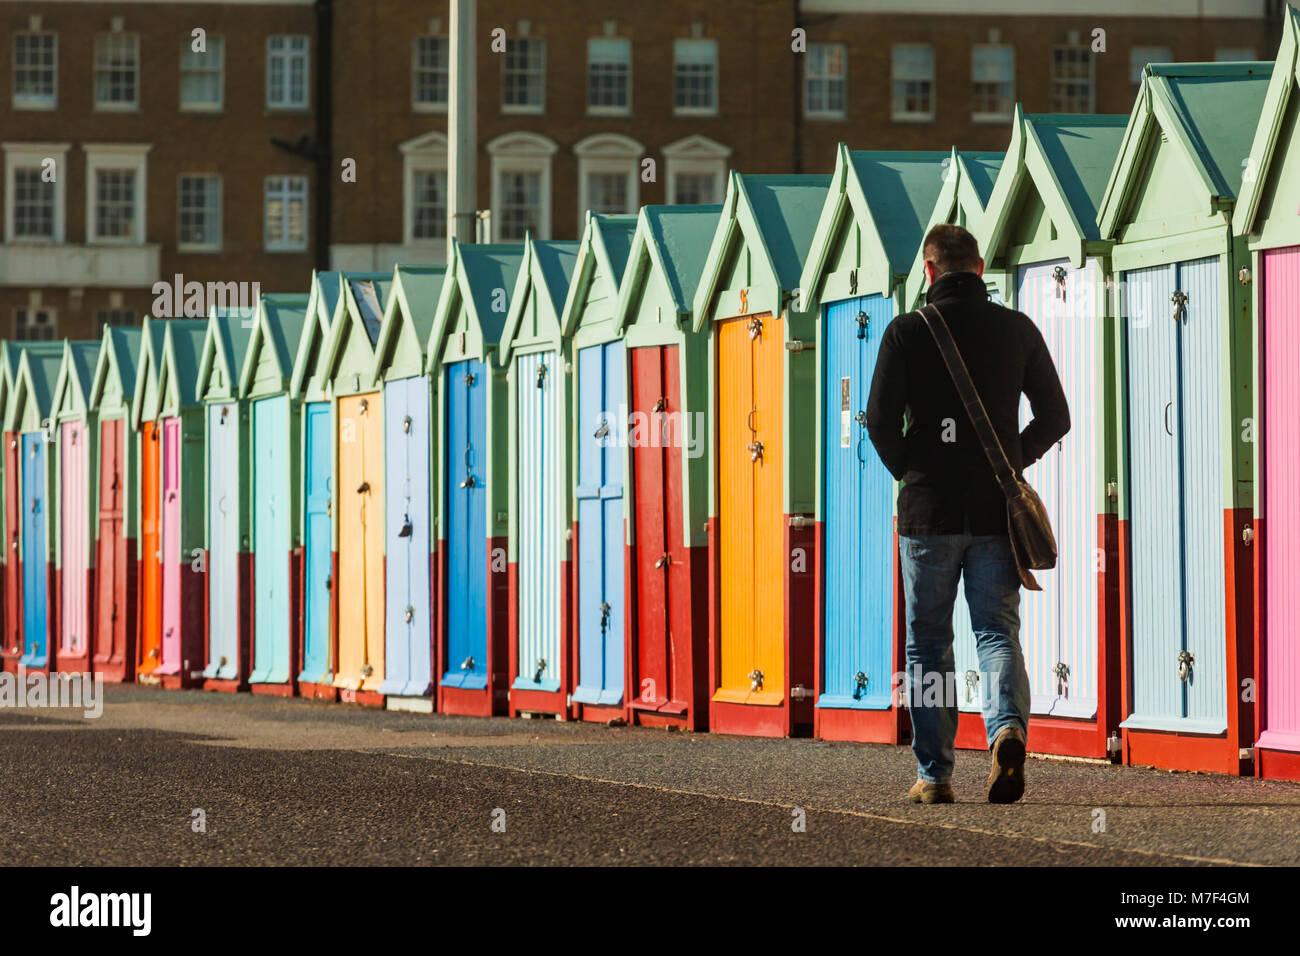 Coloridas casetas de playa en el paseo marítimo de Brighton, East Sussex, Inglaterra. Imagen De Stock